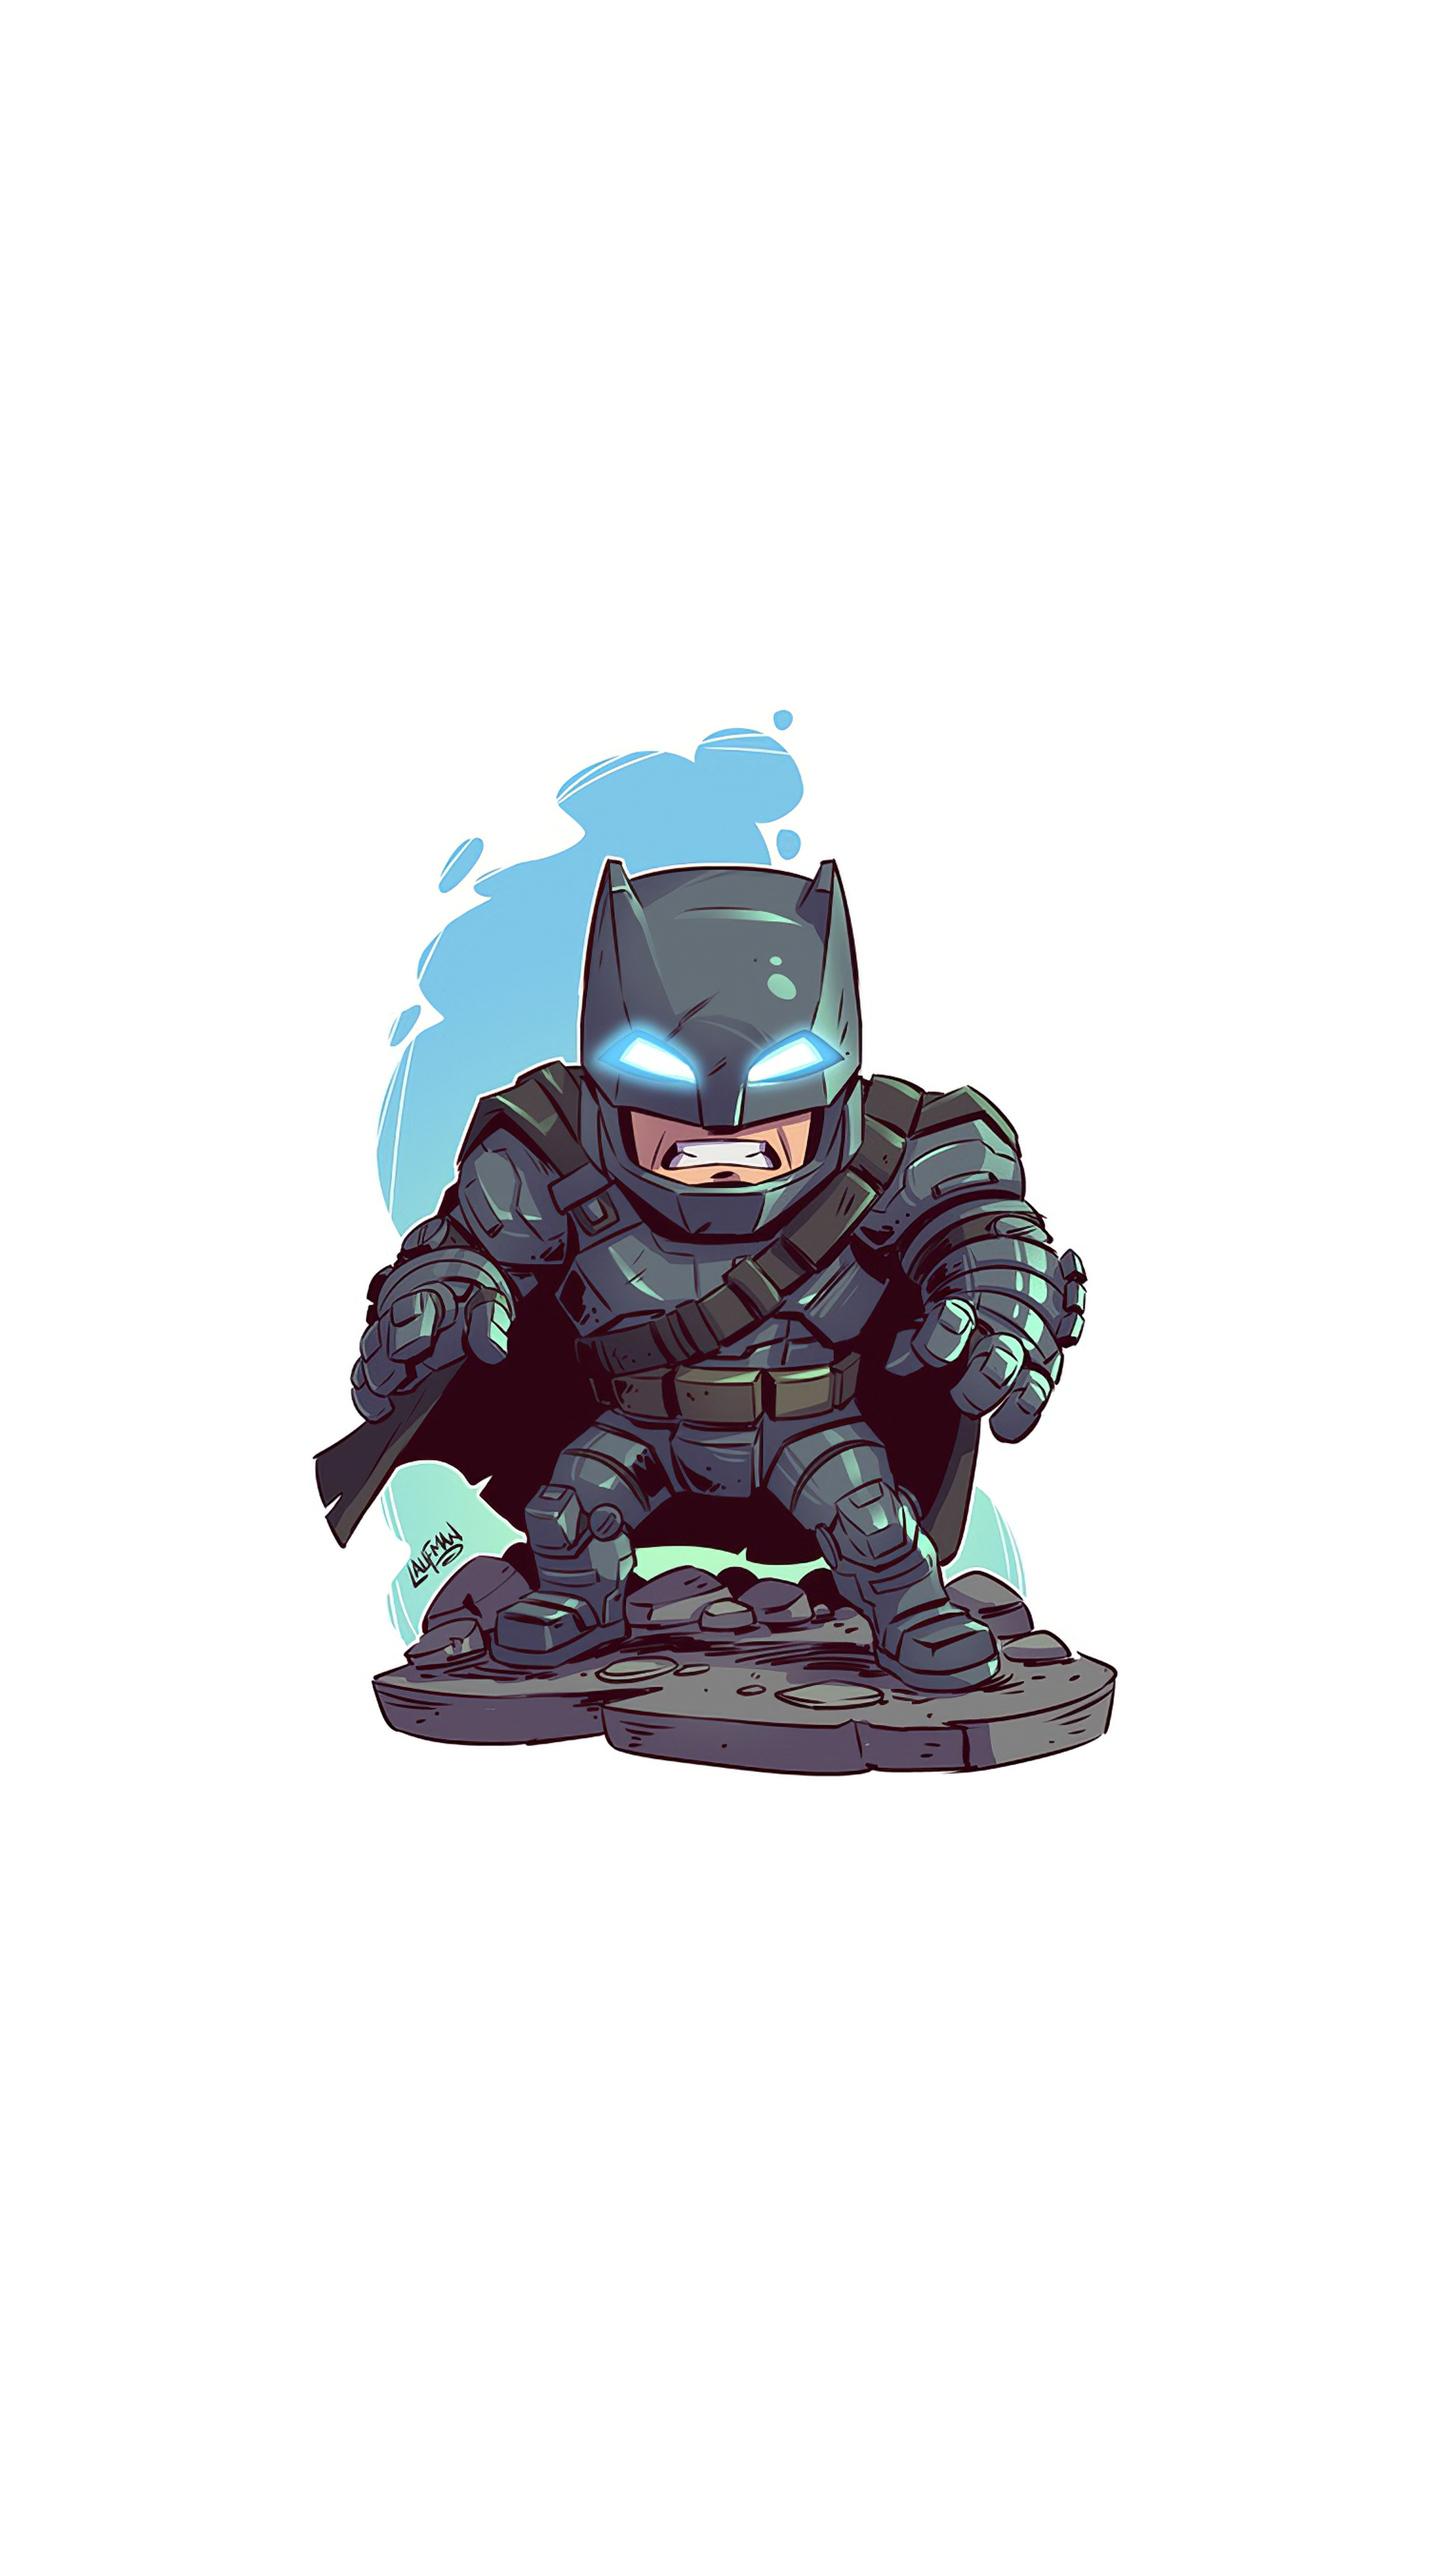 batman-minimalism-art-4k-ct.jpg